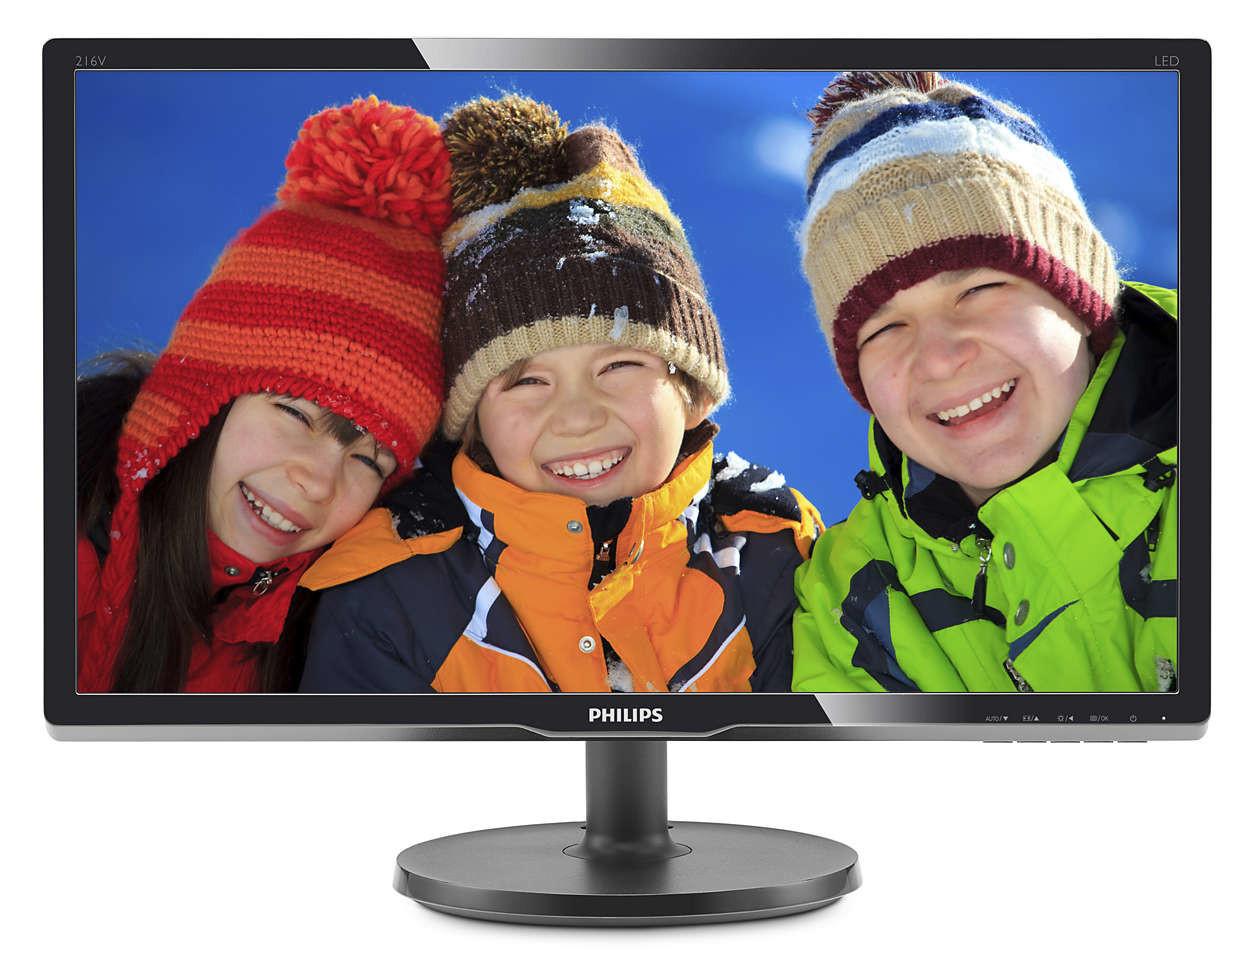 Монитор 20.7' Philips 216V6LSB2/62 Black, WLED, TFT, 1920x1080, 5мс, 250 кд/м2,